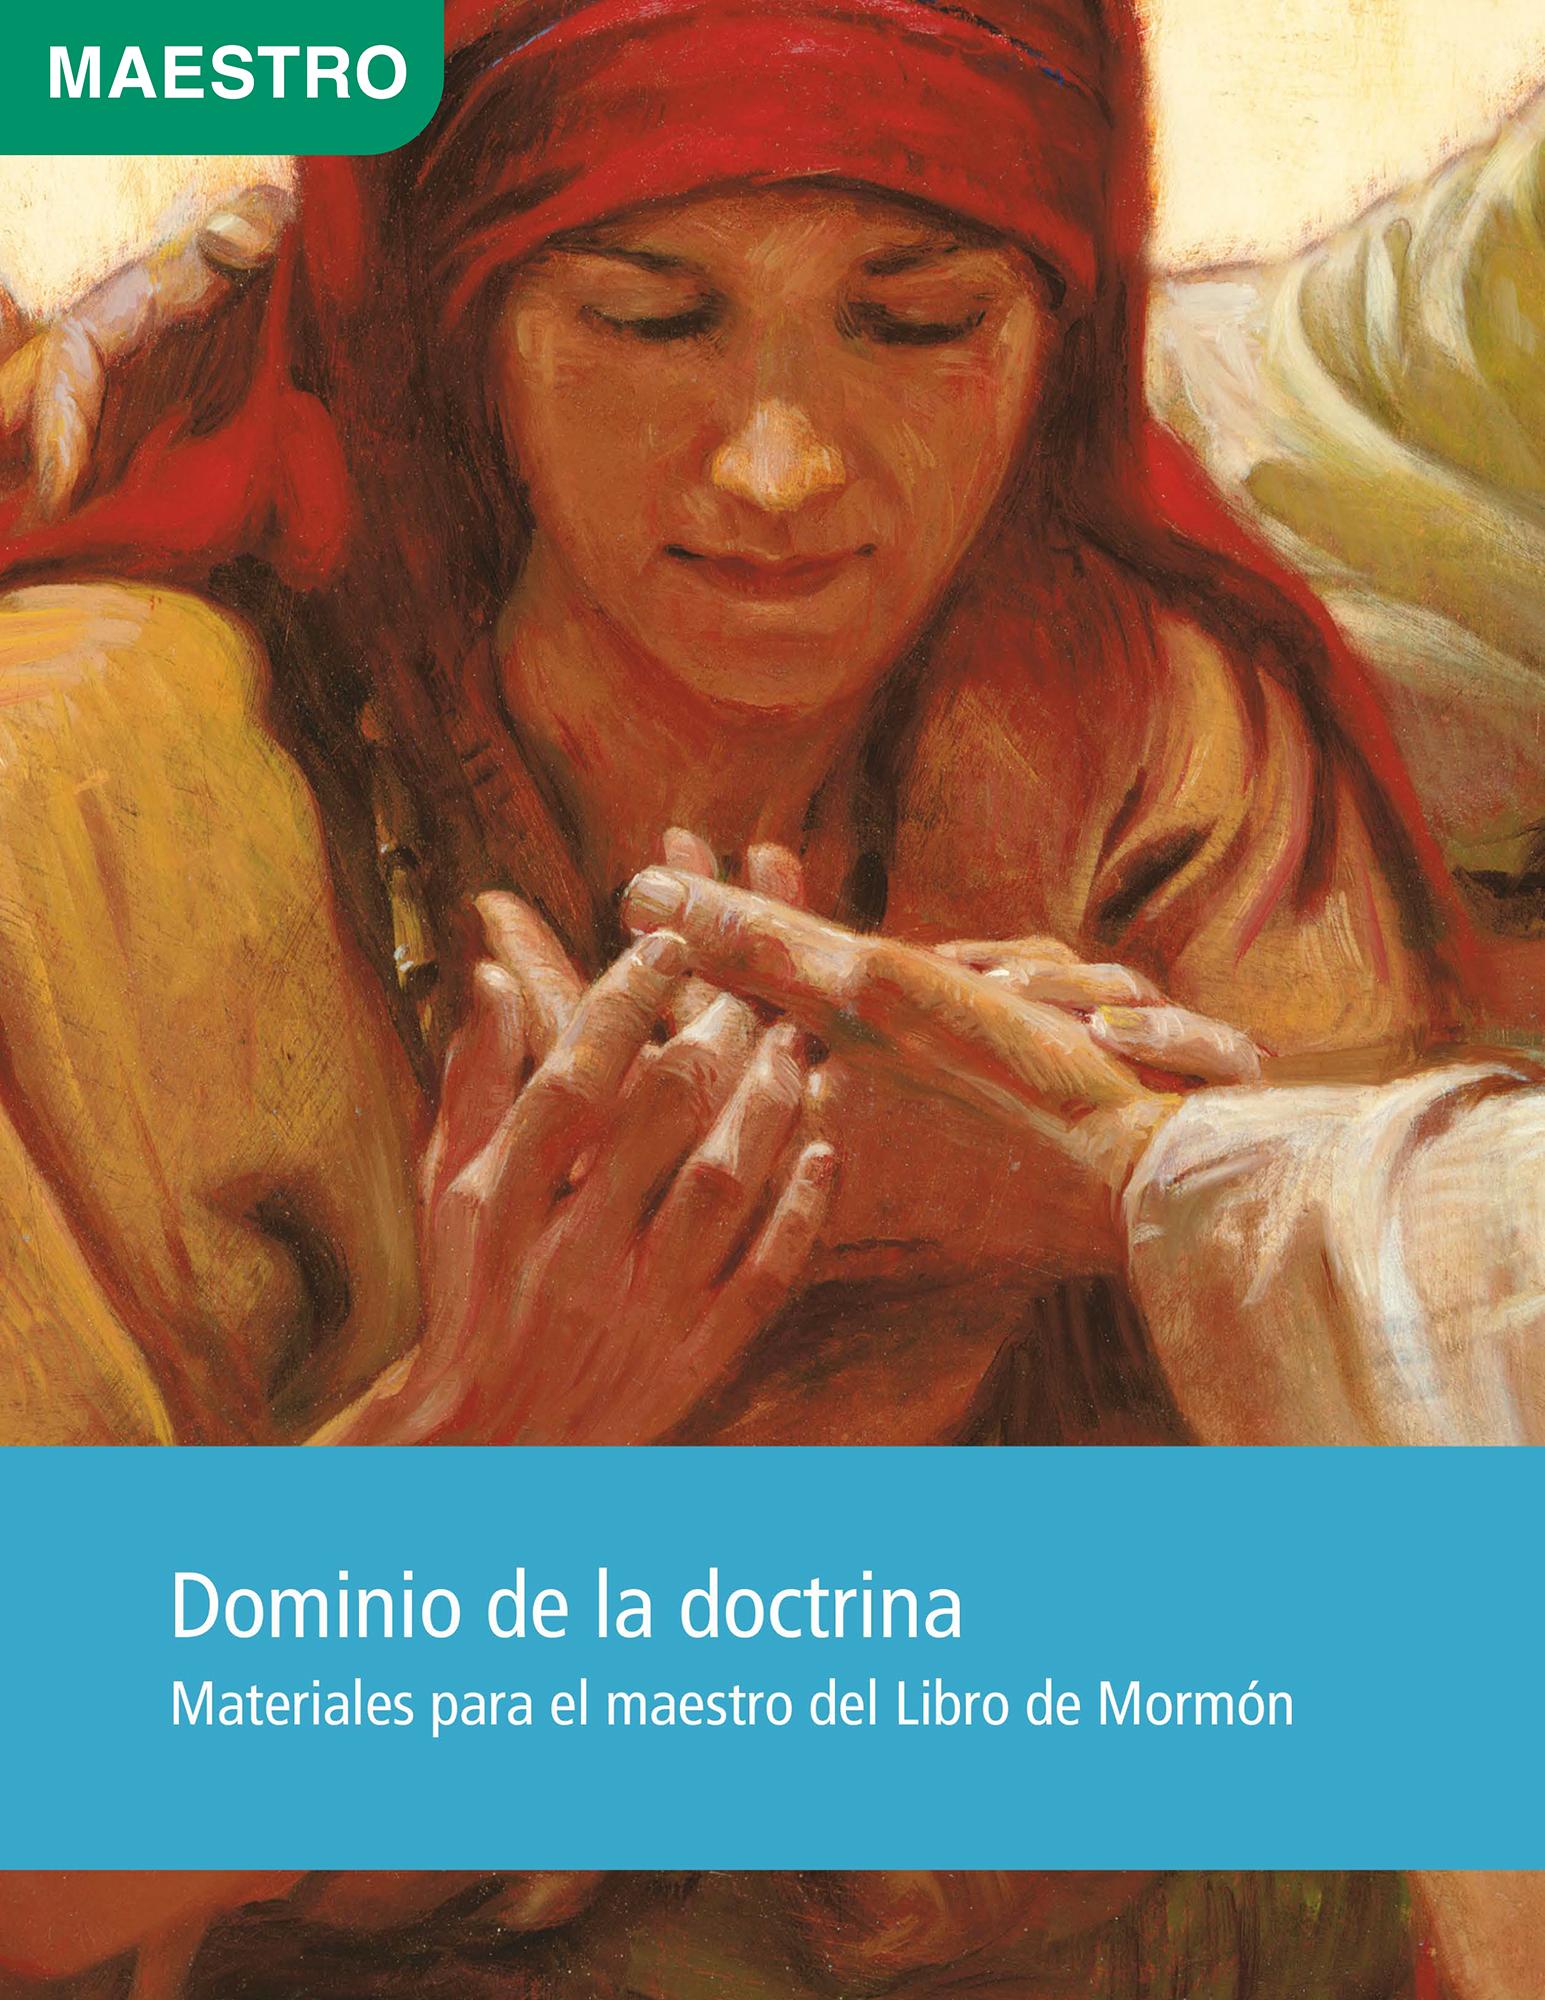 Material del Dominio de la doctrina para el maestro del Libro de Mormón